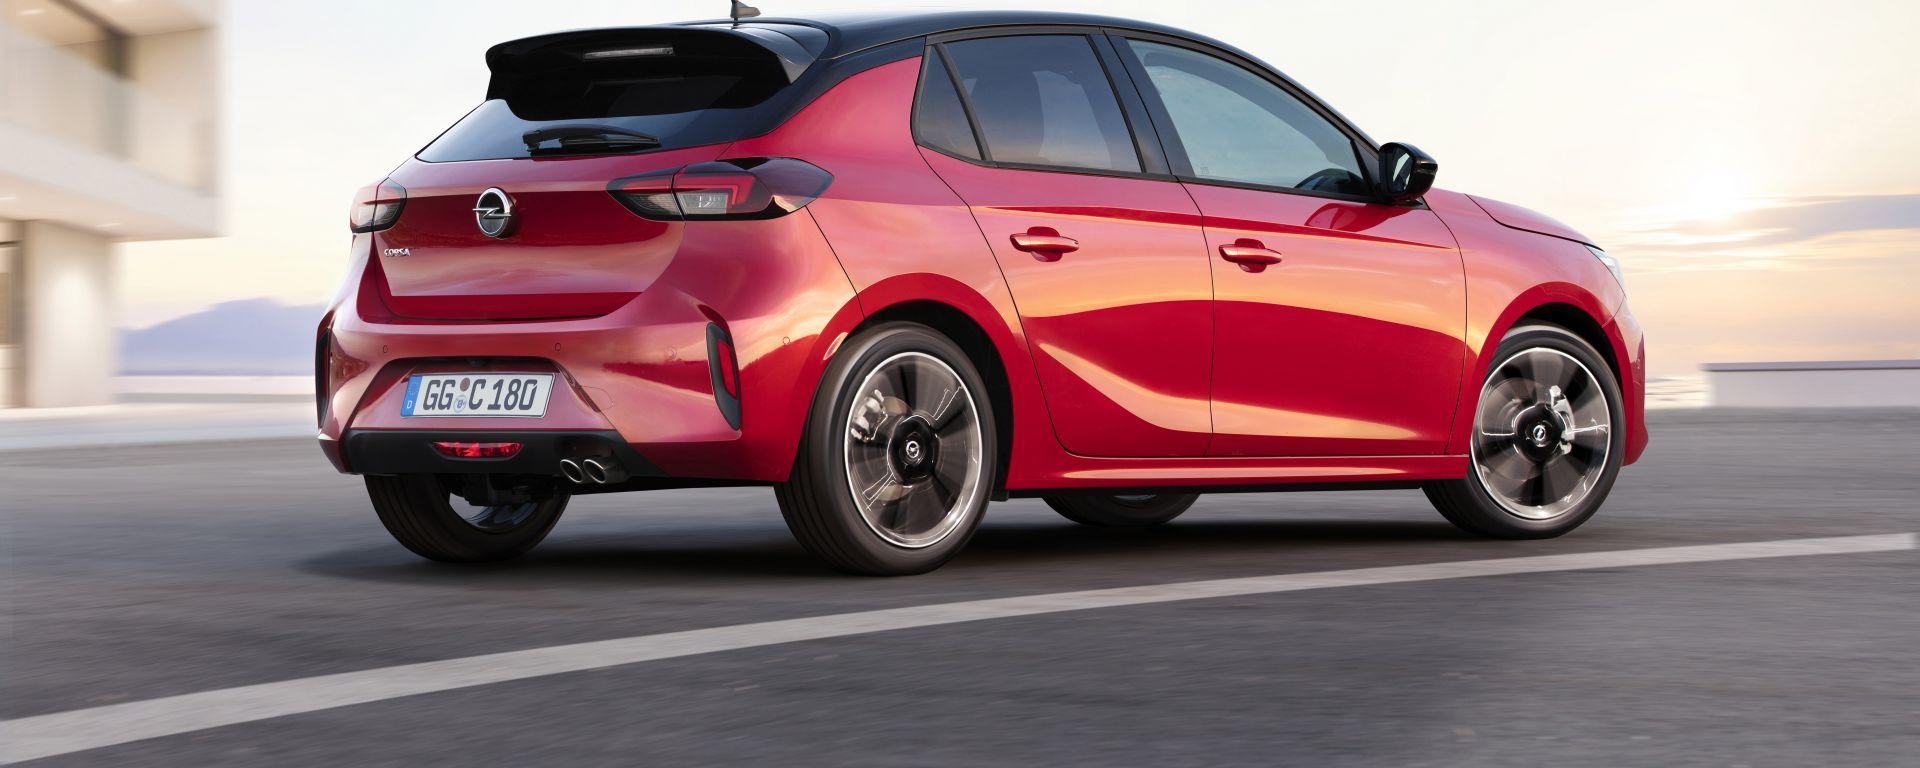 Nuova Opel Corsa: vista 3/4 posteriore